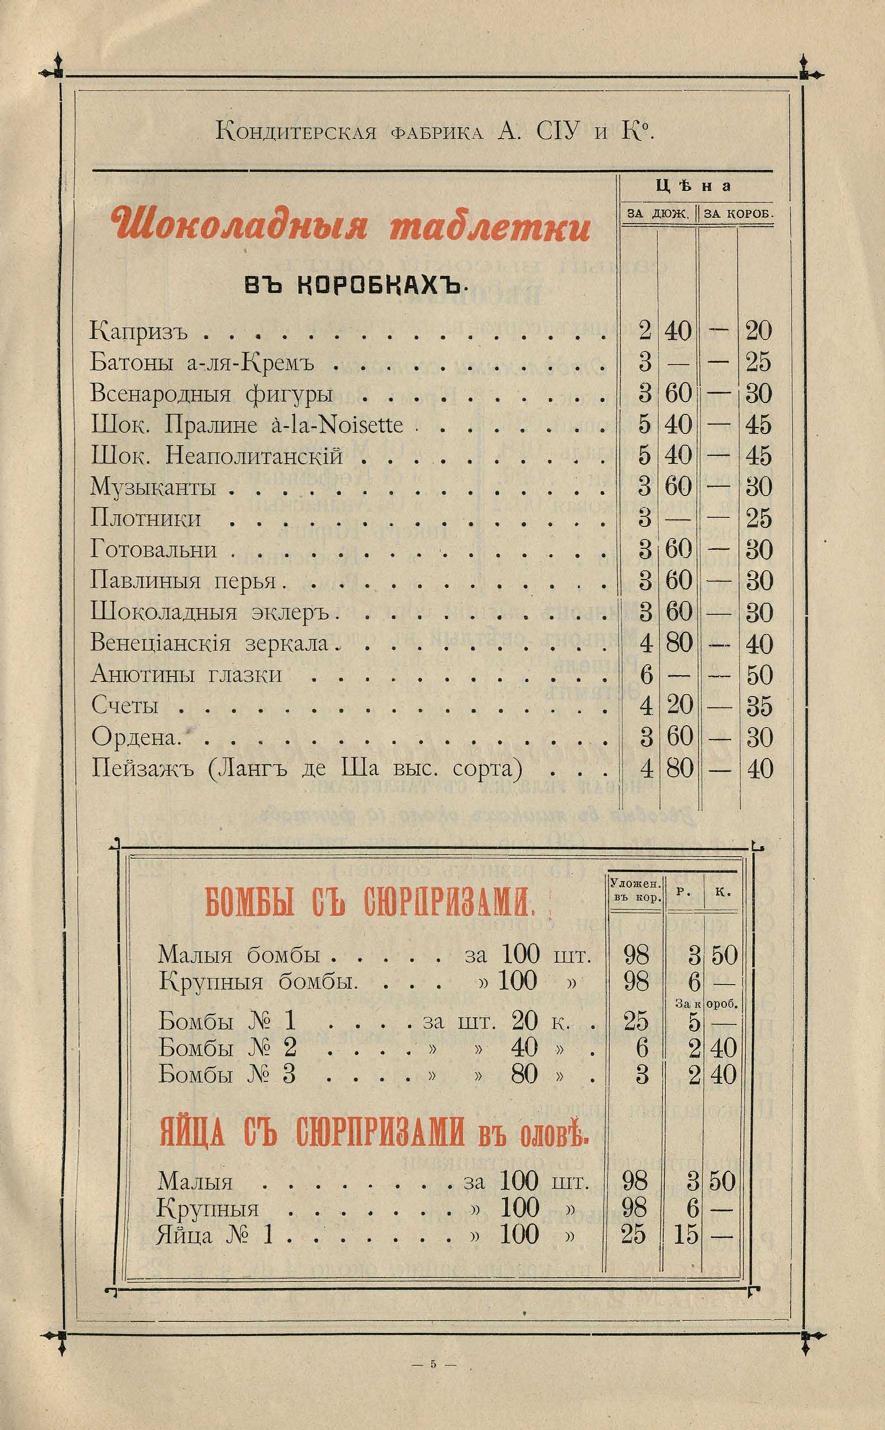 Прайс ТД СИУ и Ко РГБ